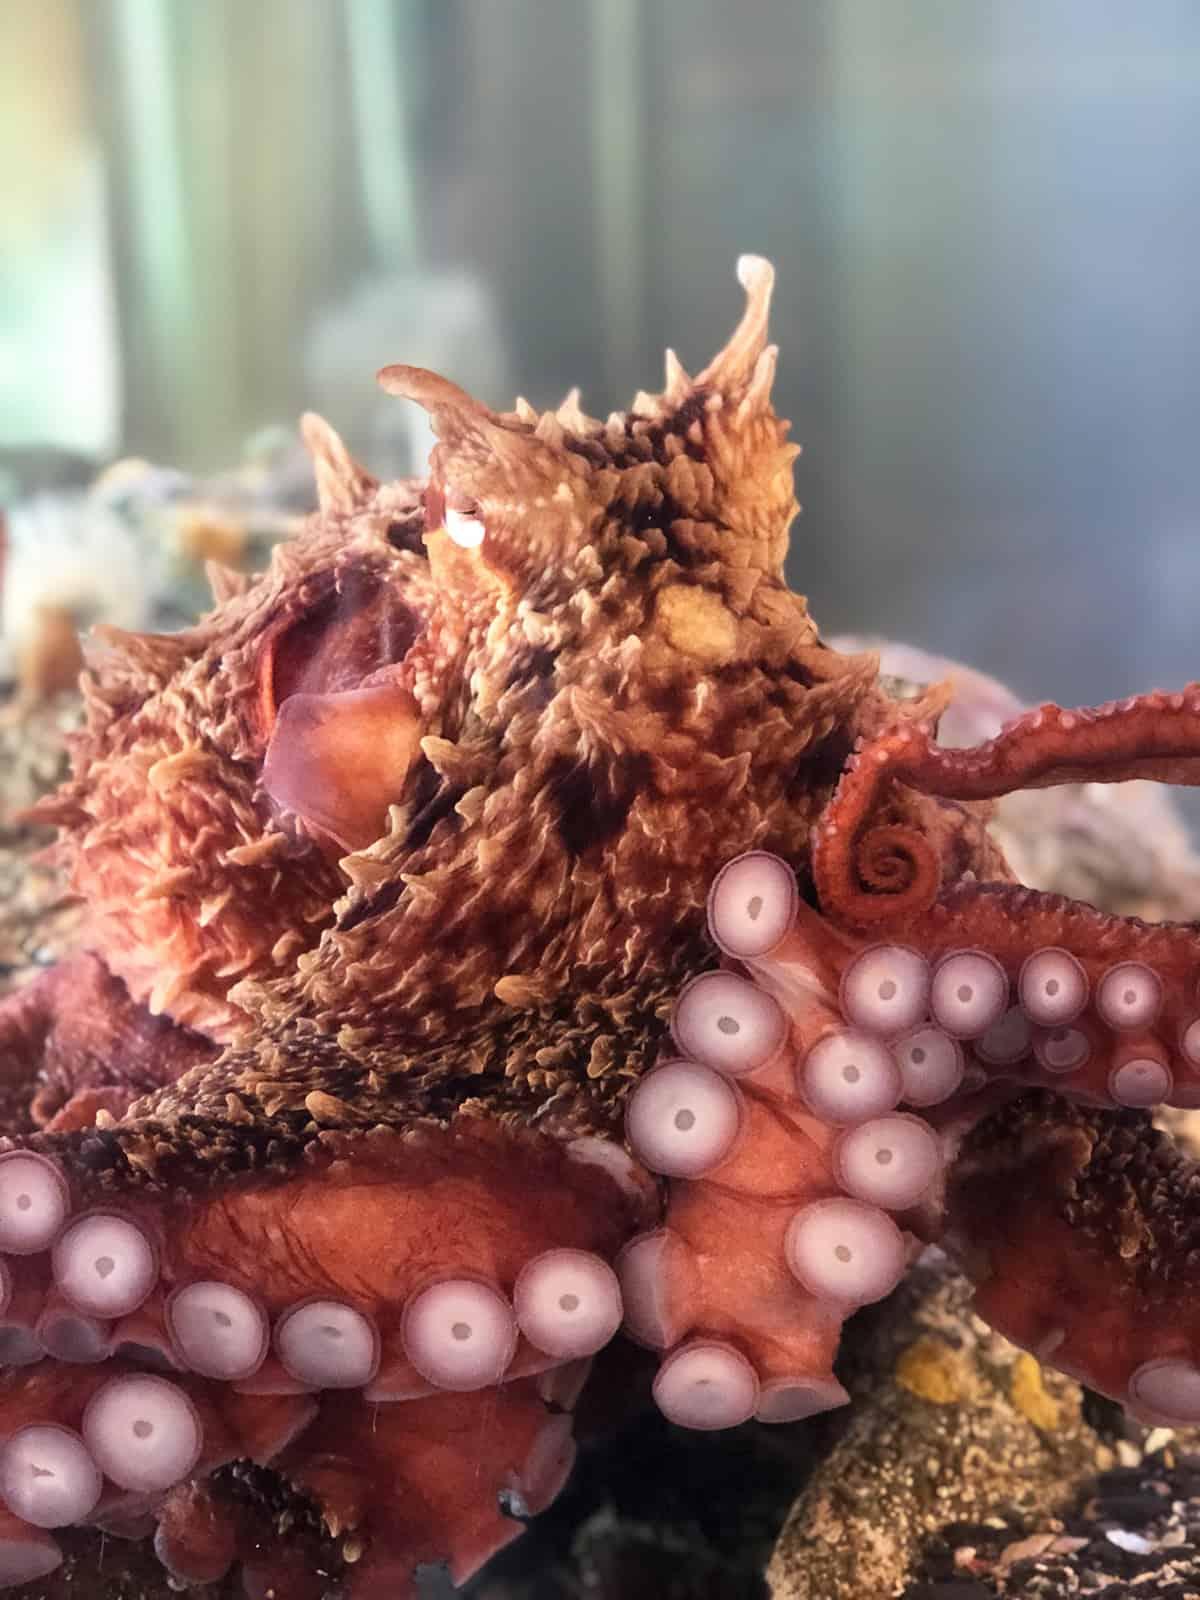 Giant Pacific Octopus, Ucluelet Aquarium